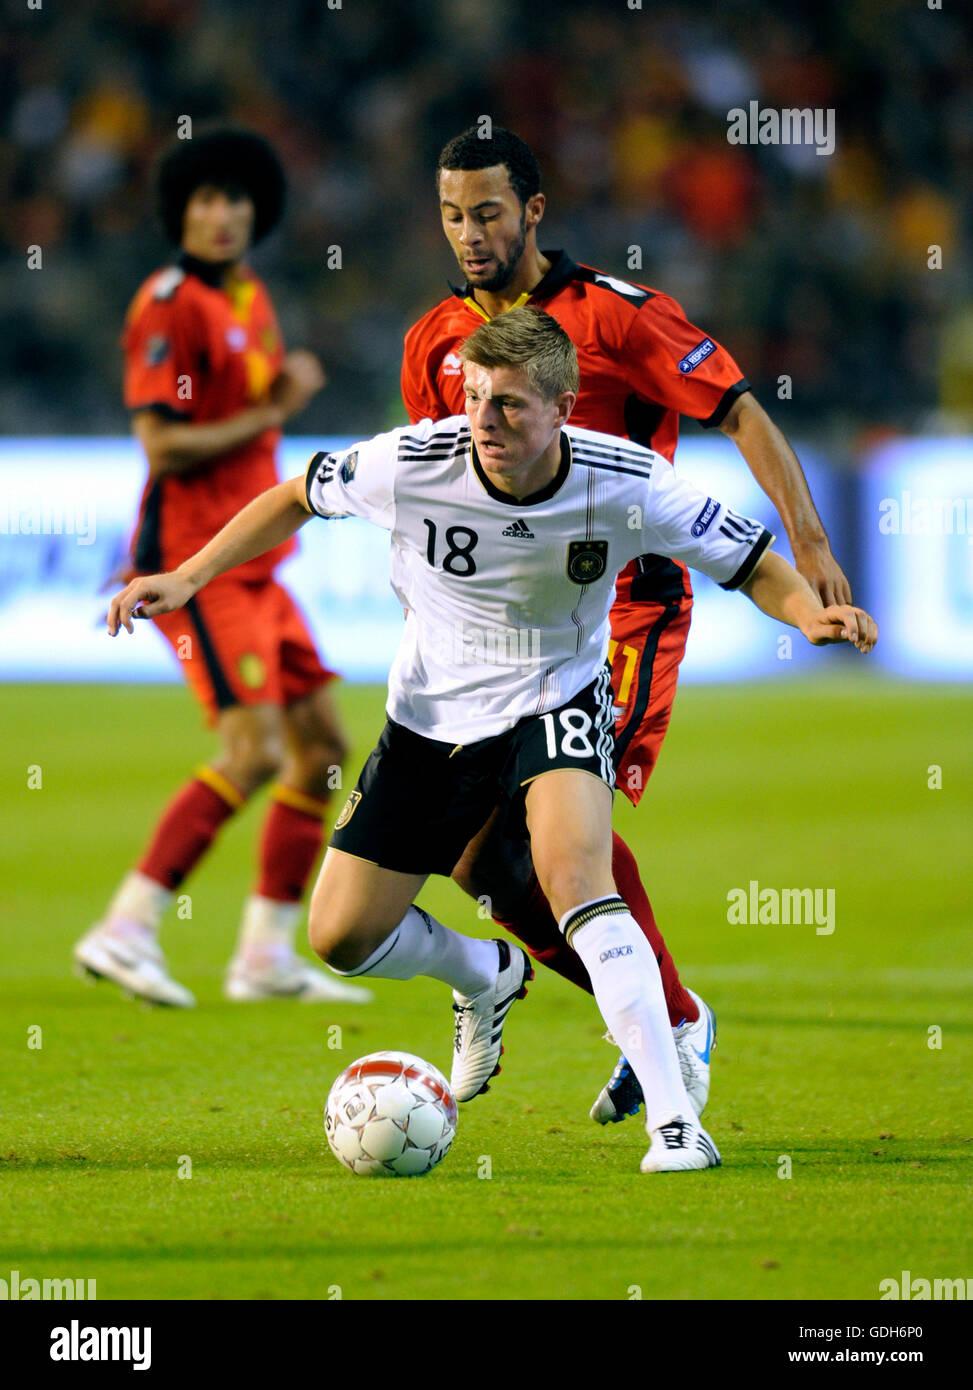 Toni Kroos, Moussa Dembélé, qualifier match for the UEFA European Football Championship 2012, Belgium - Stock Image